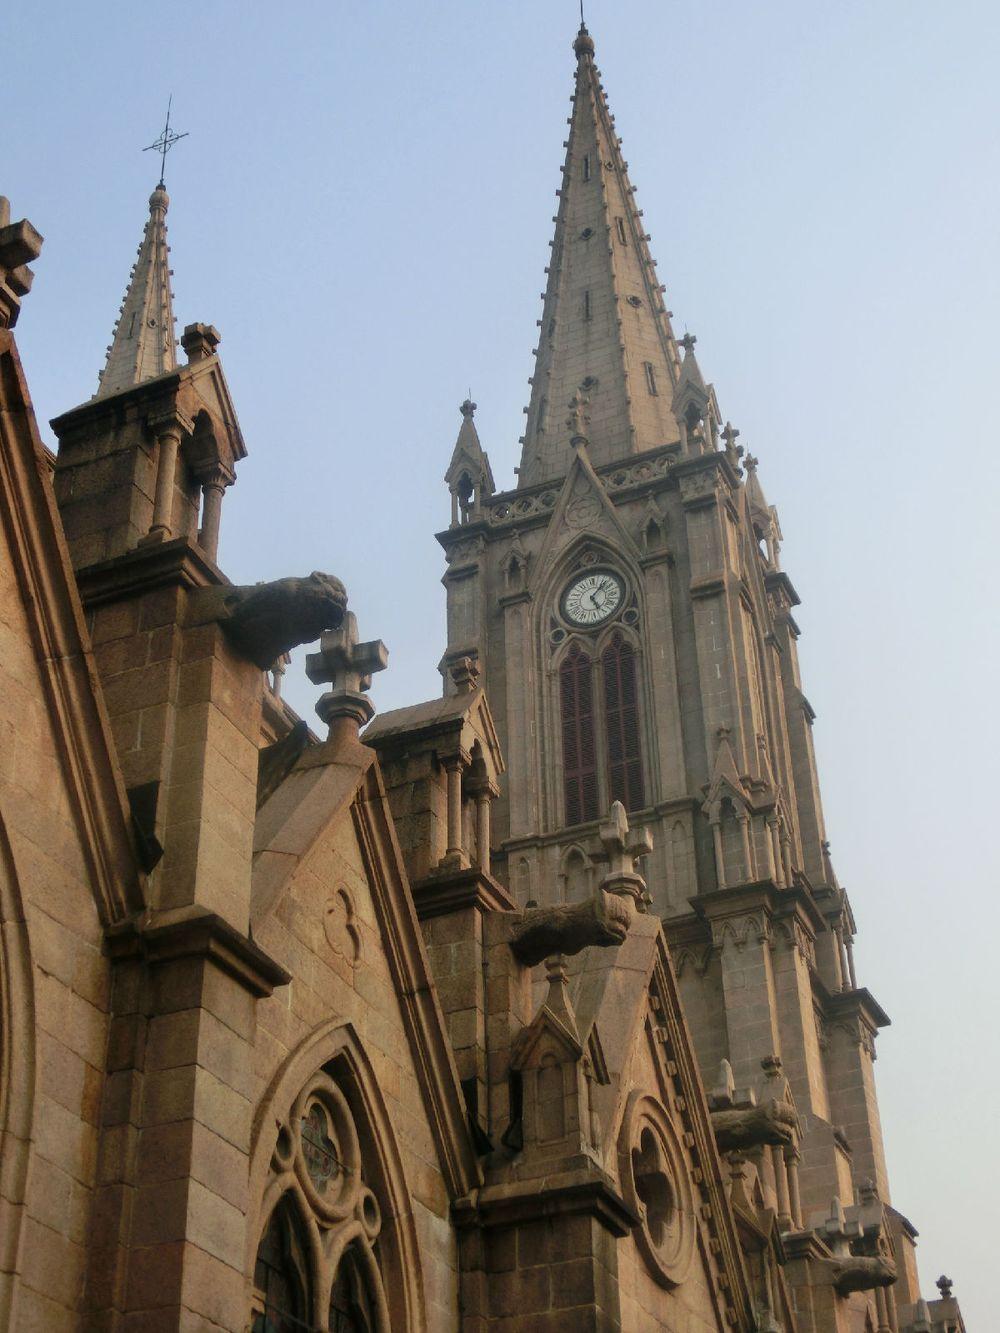 正立面的钟楼上耸立尖塔,是哥特式教堂建筑风格的特征,也是建筑造型图片